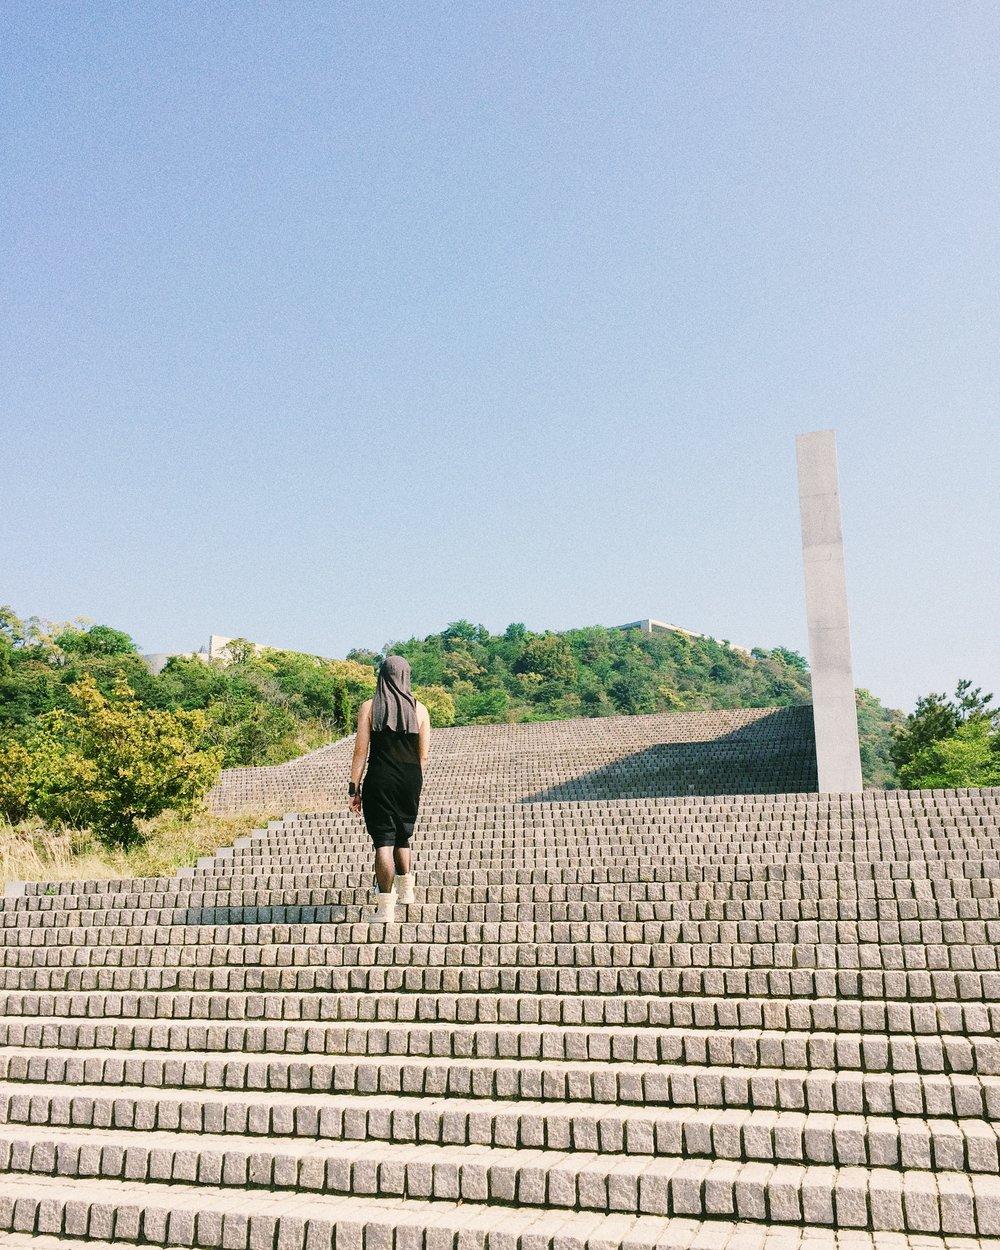 Bobo. Naoshima, Spring 2015.